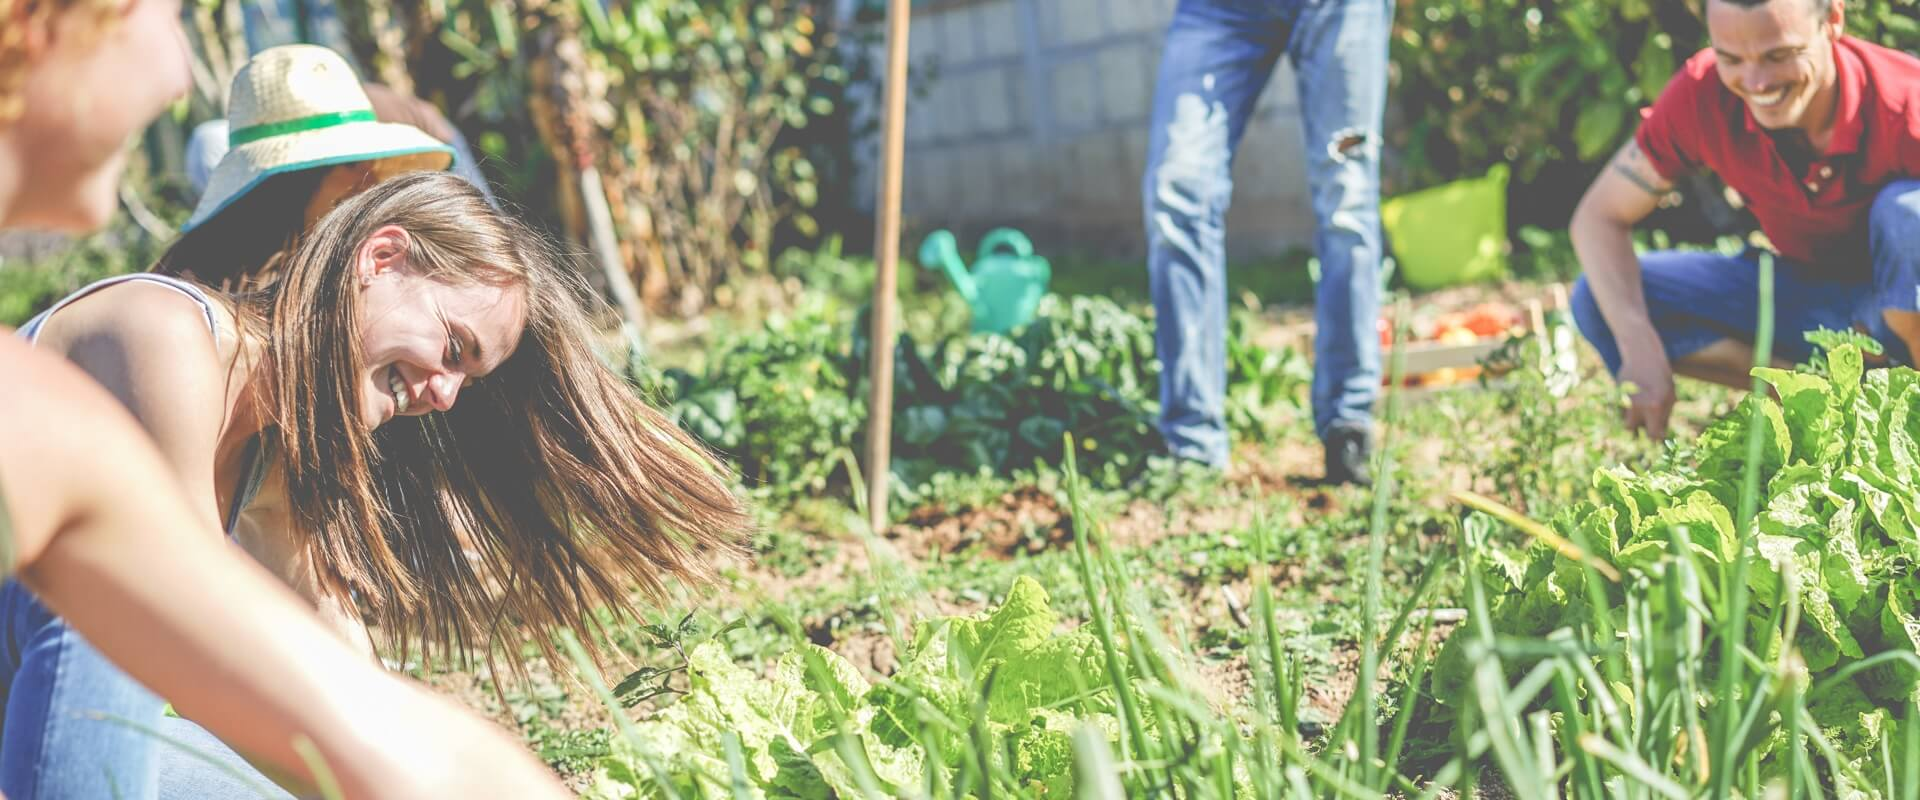 Gartenarbeit Jugendliche